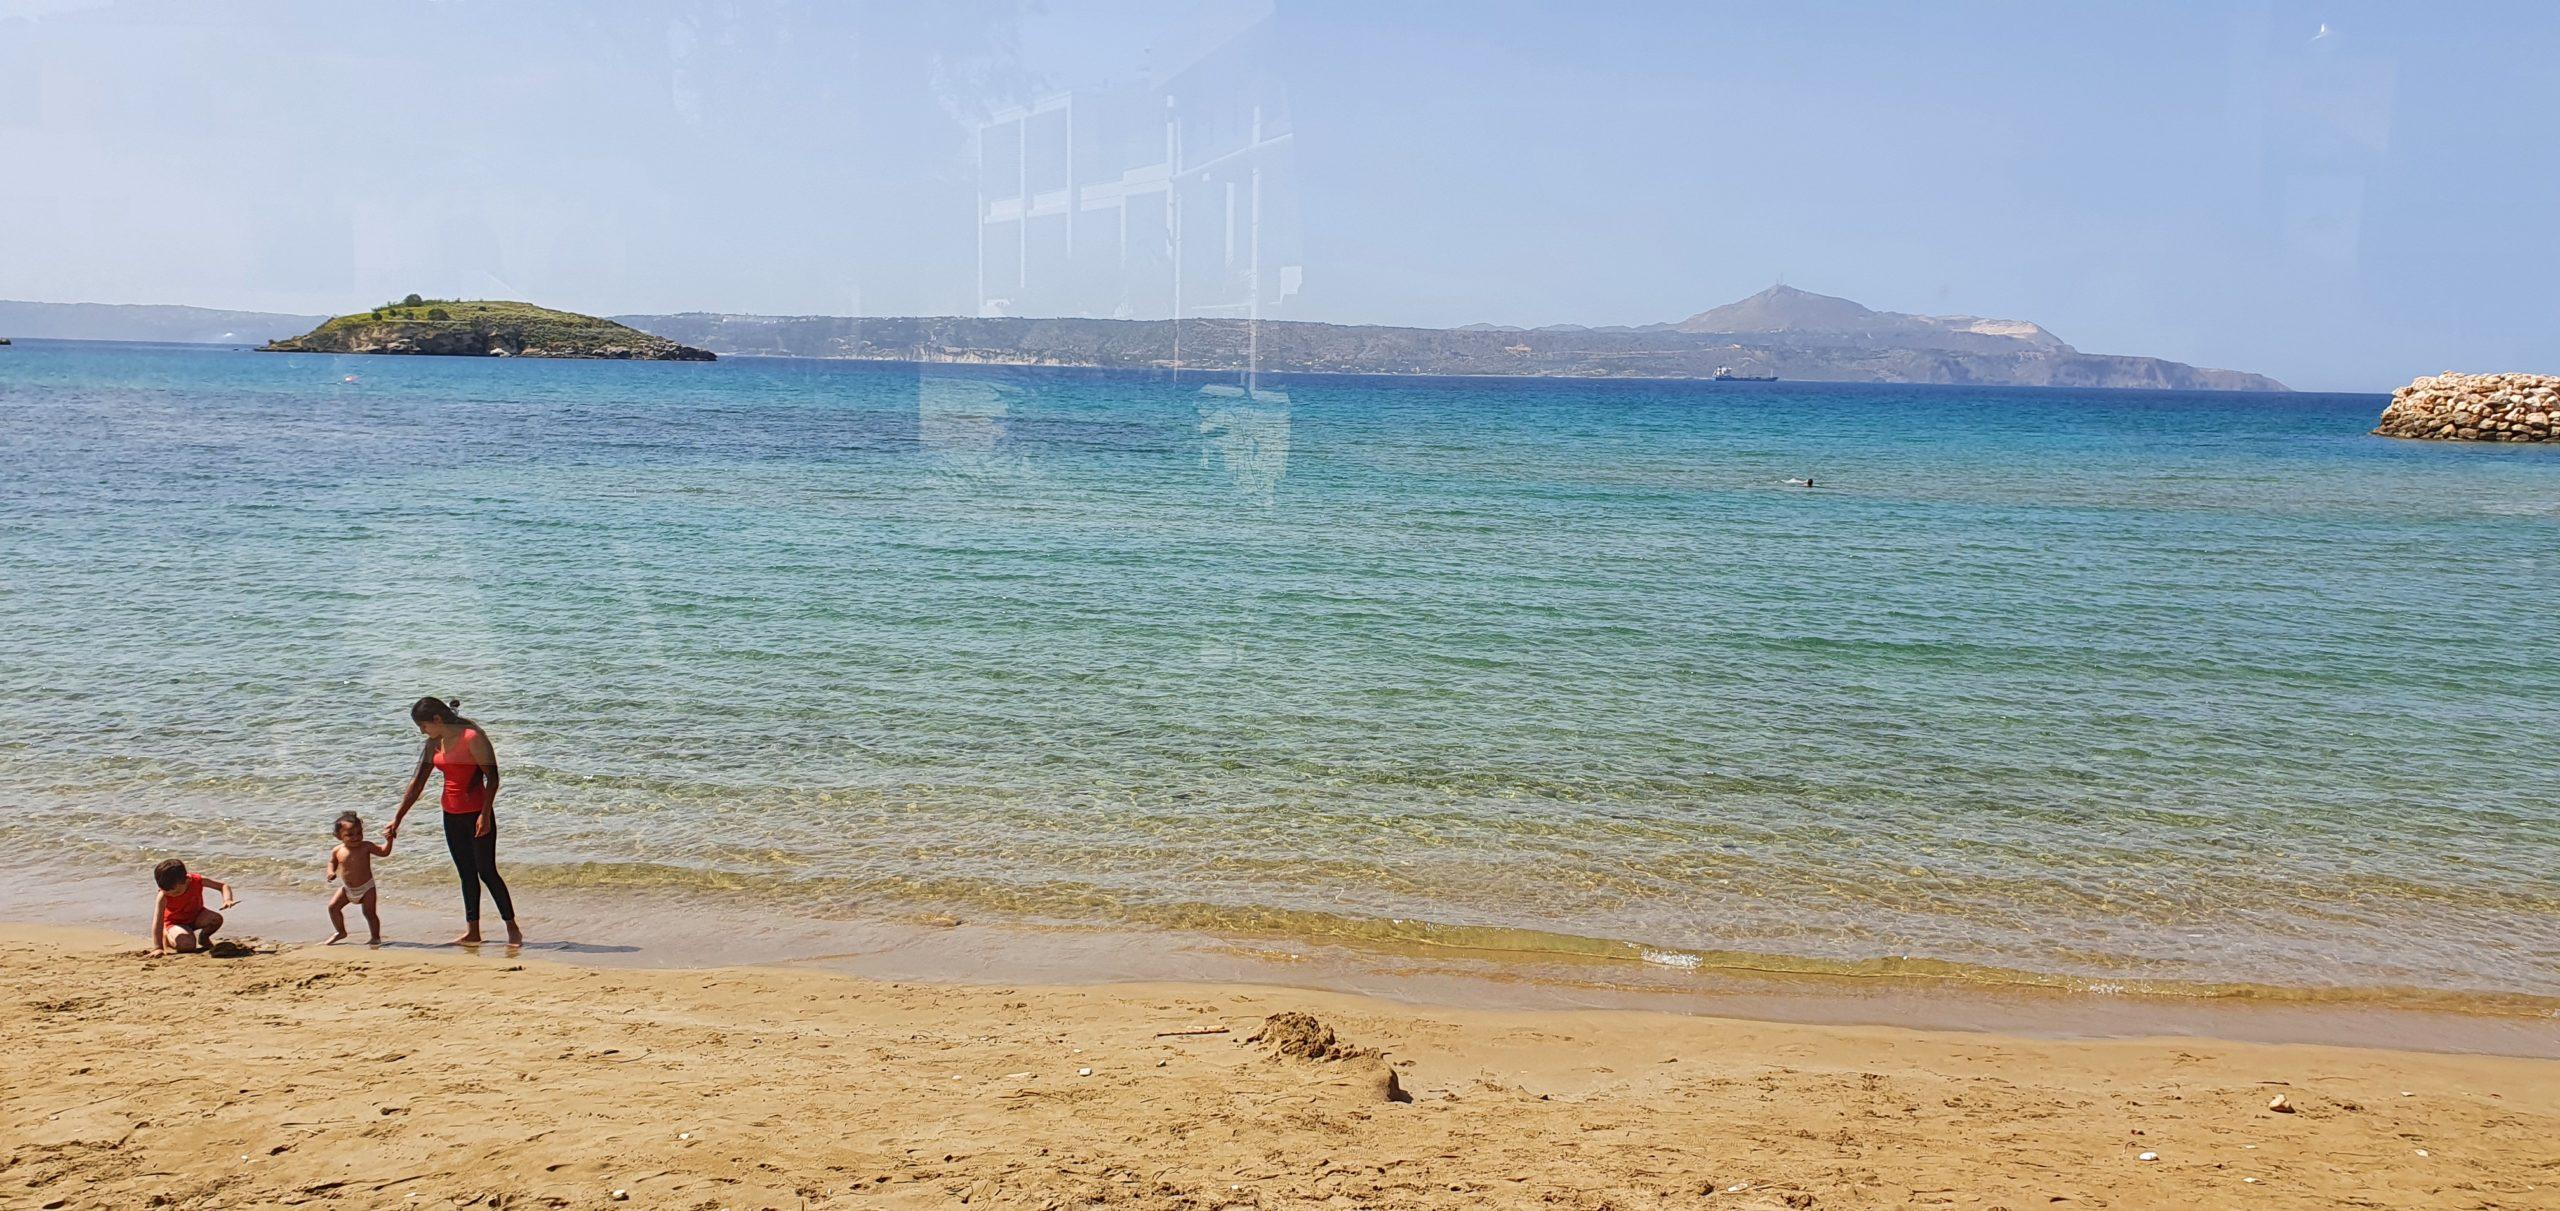 plages de sable blond sur les côtes de l'île de Crète Grèce